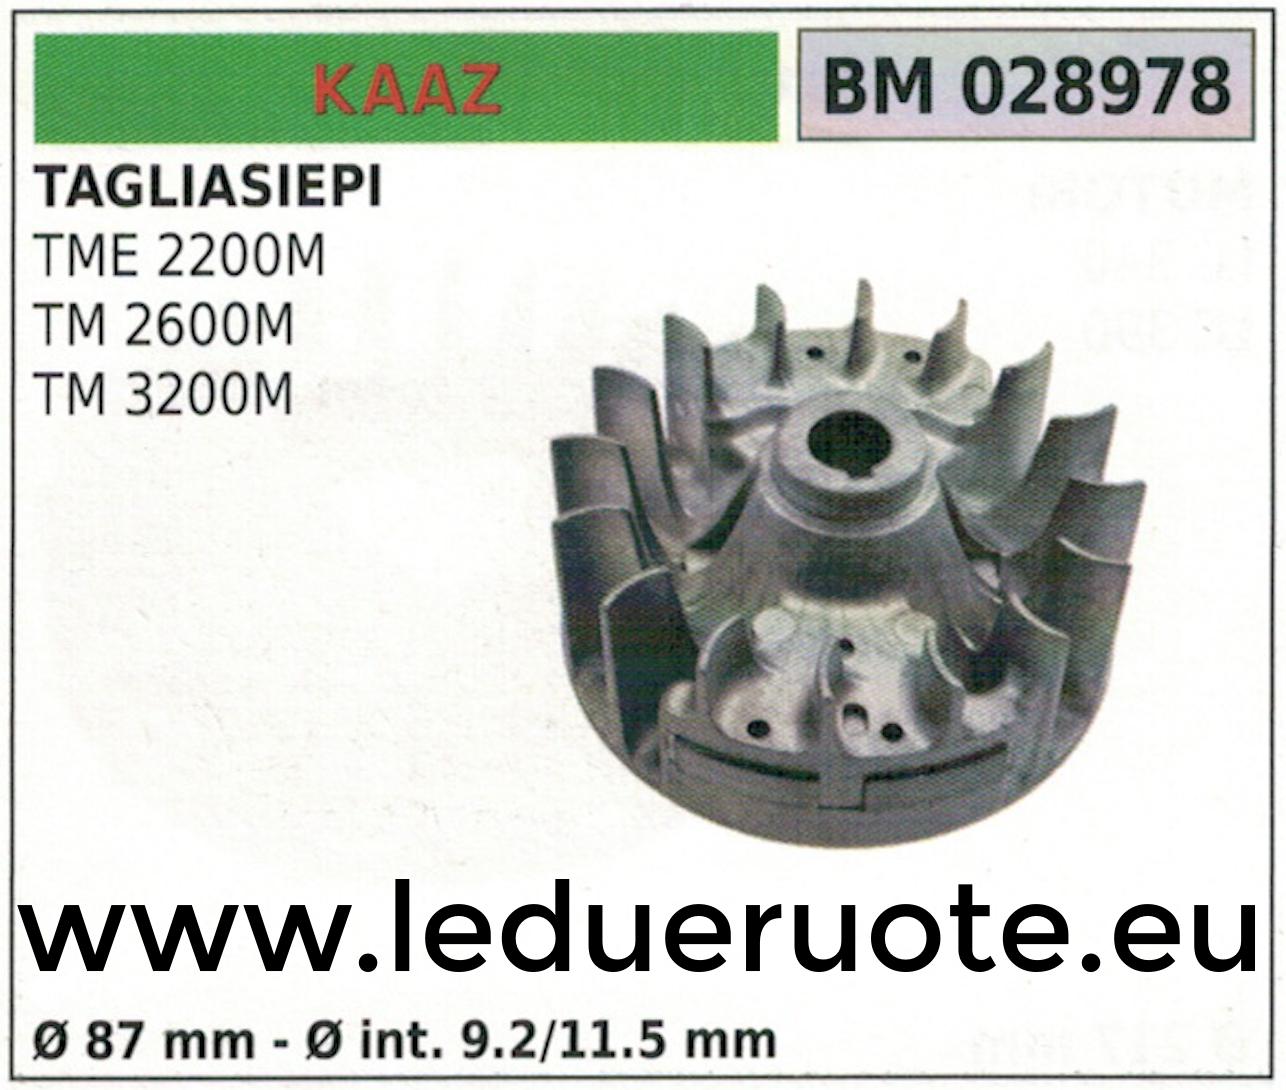 Badminton magnetisch Magnet Lüfter Heckenschere KAAZ TME TME TME 220M 2600M 3200M 591abe